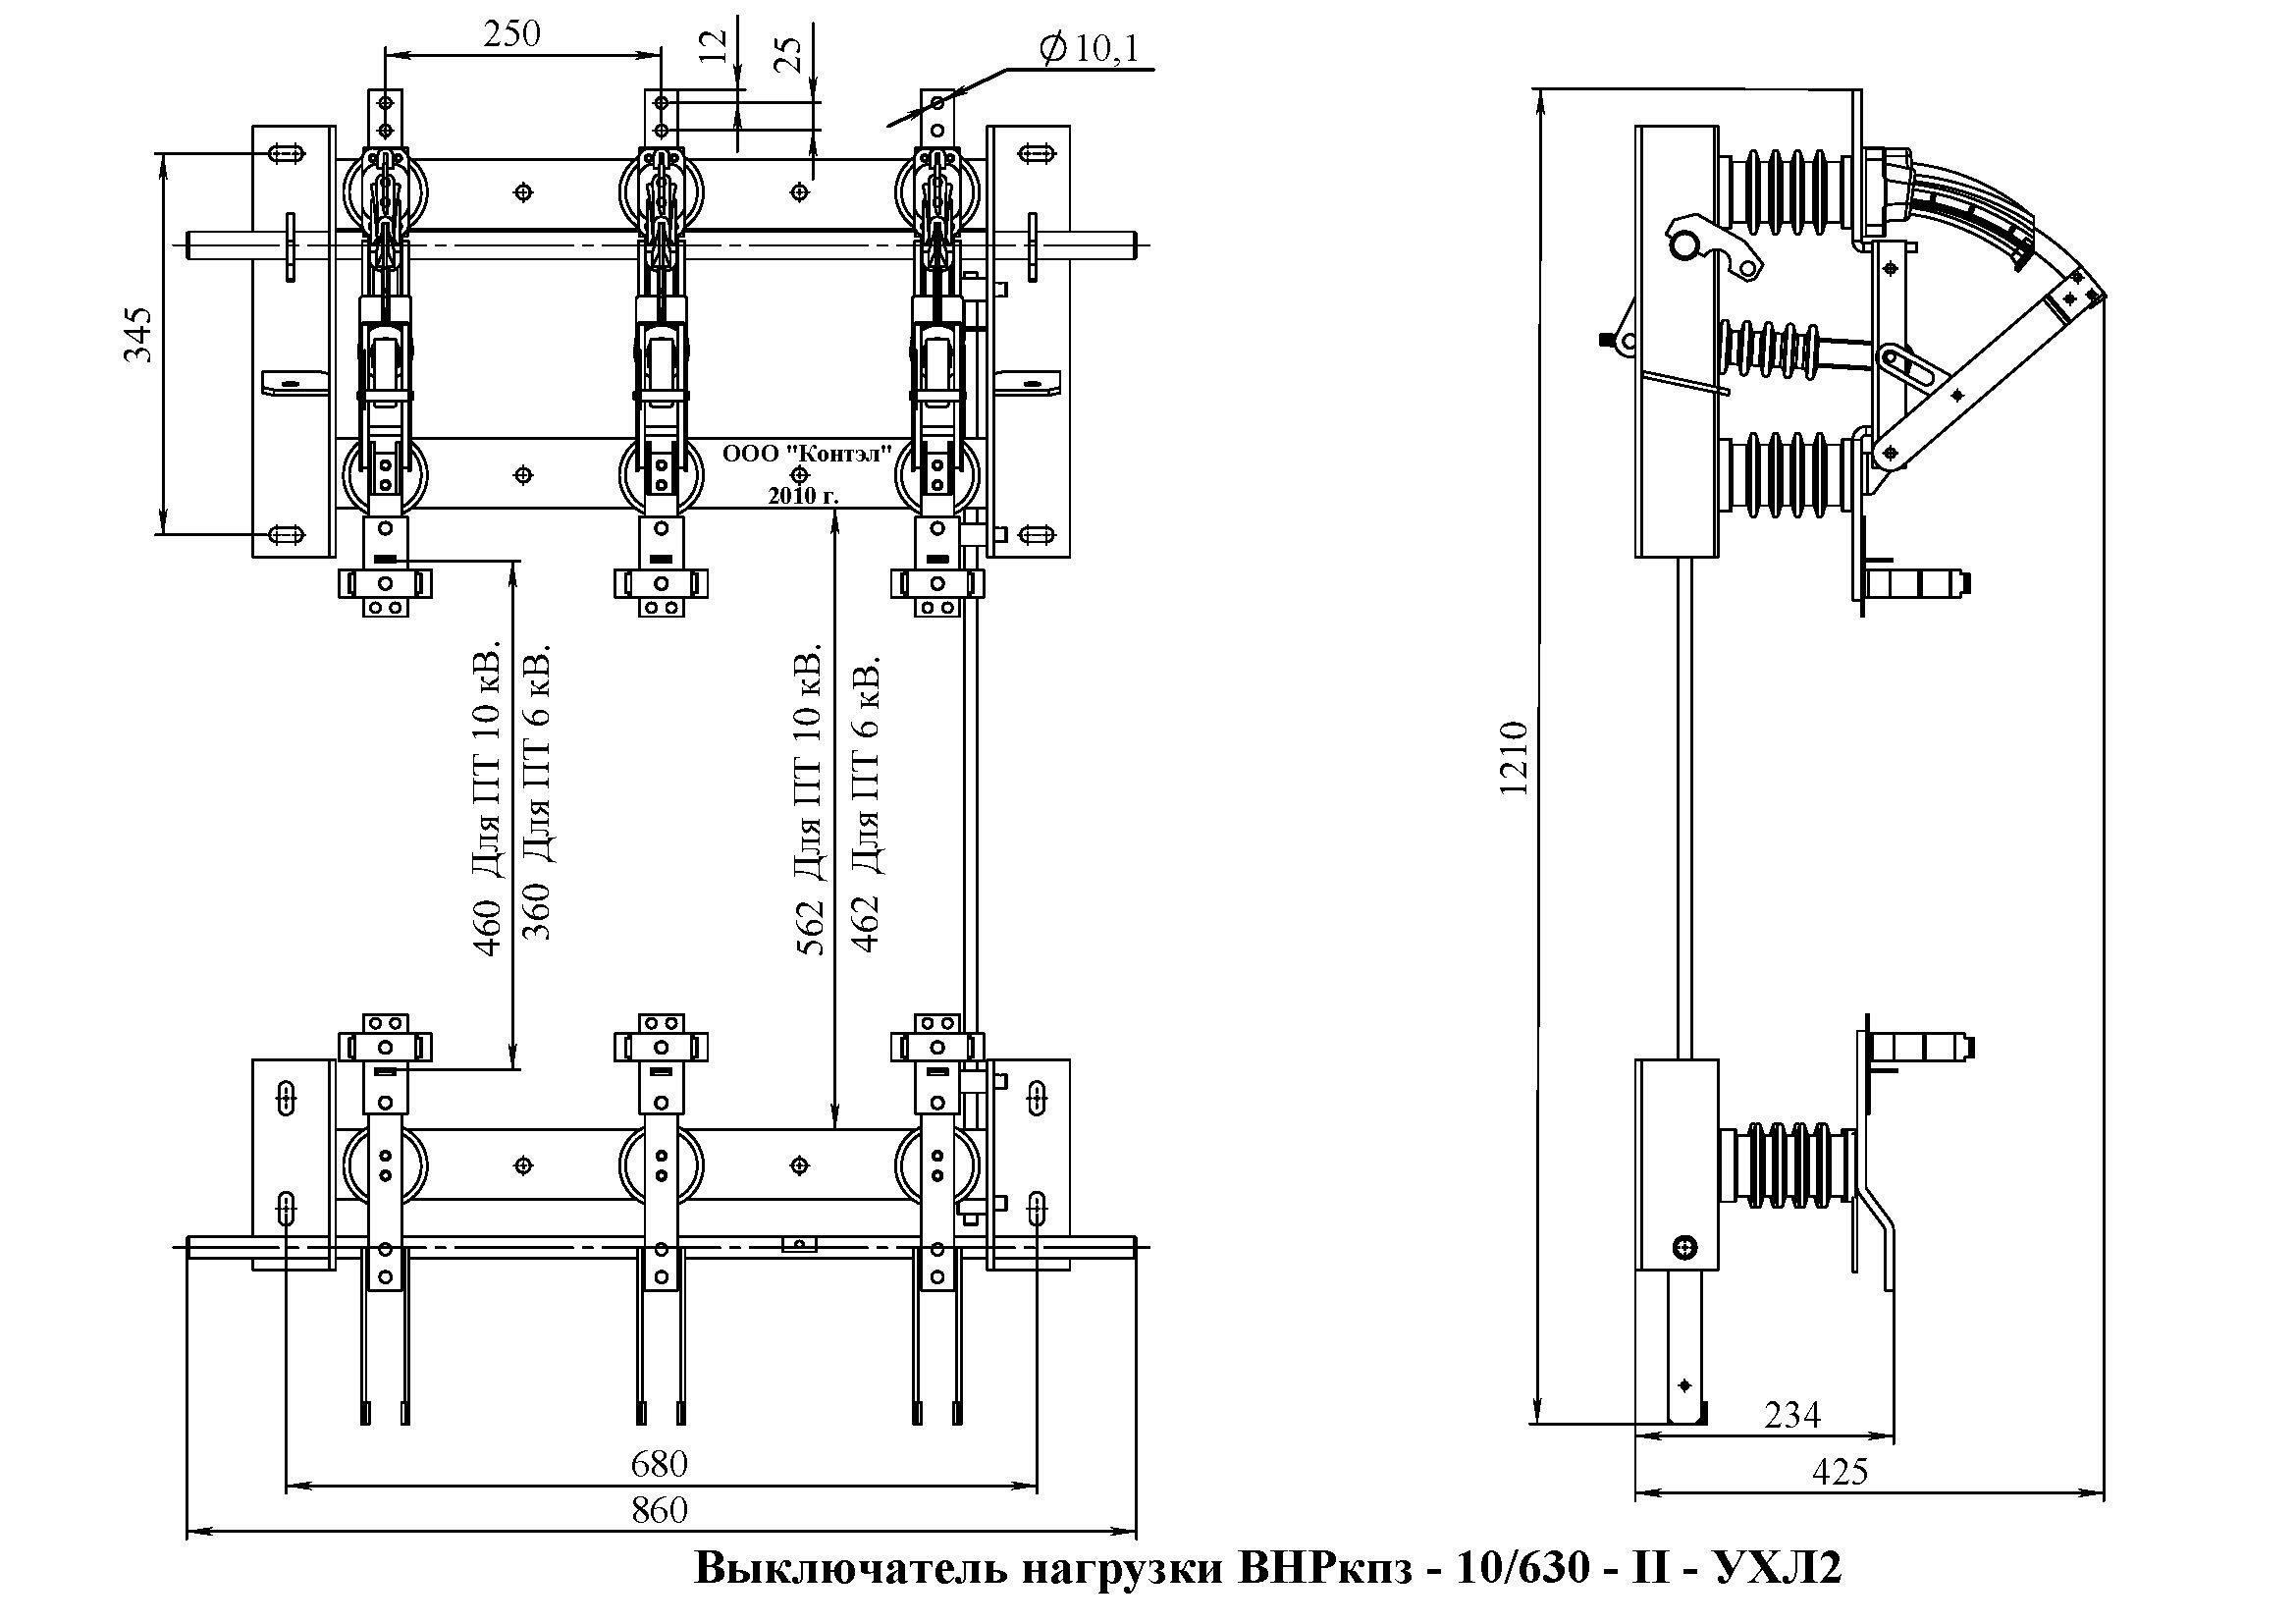 Основные различия между разъединителями и выключателями нагрузки